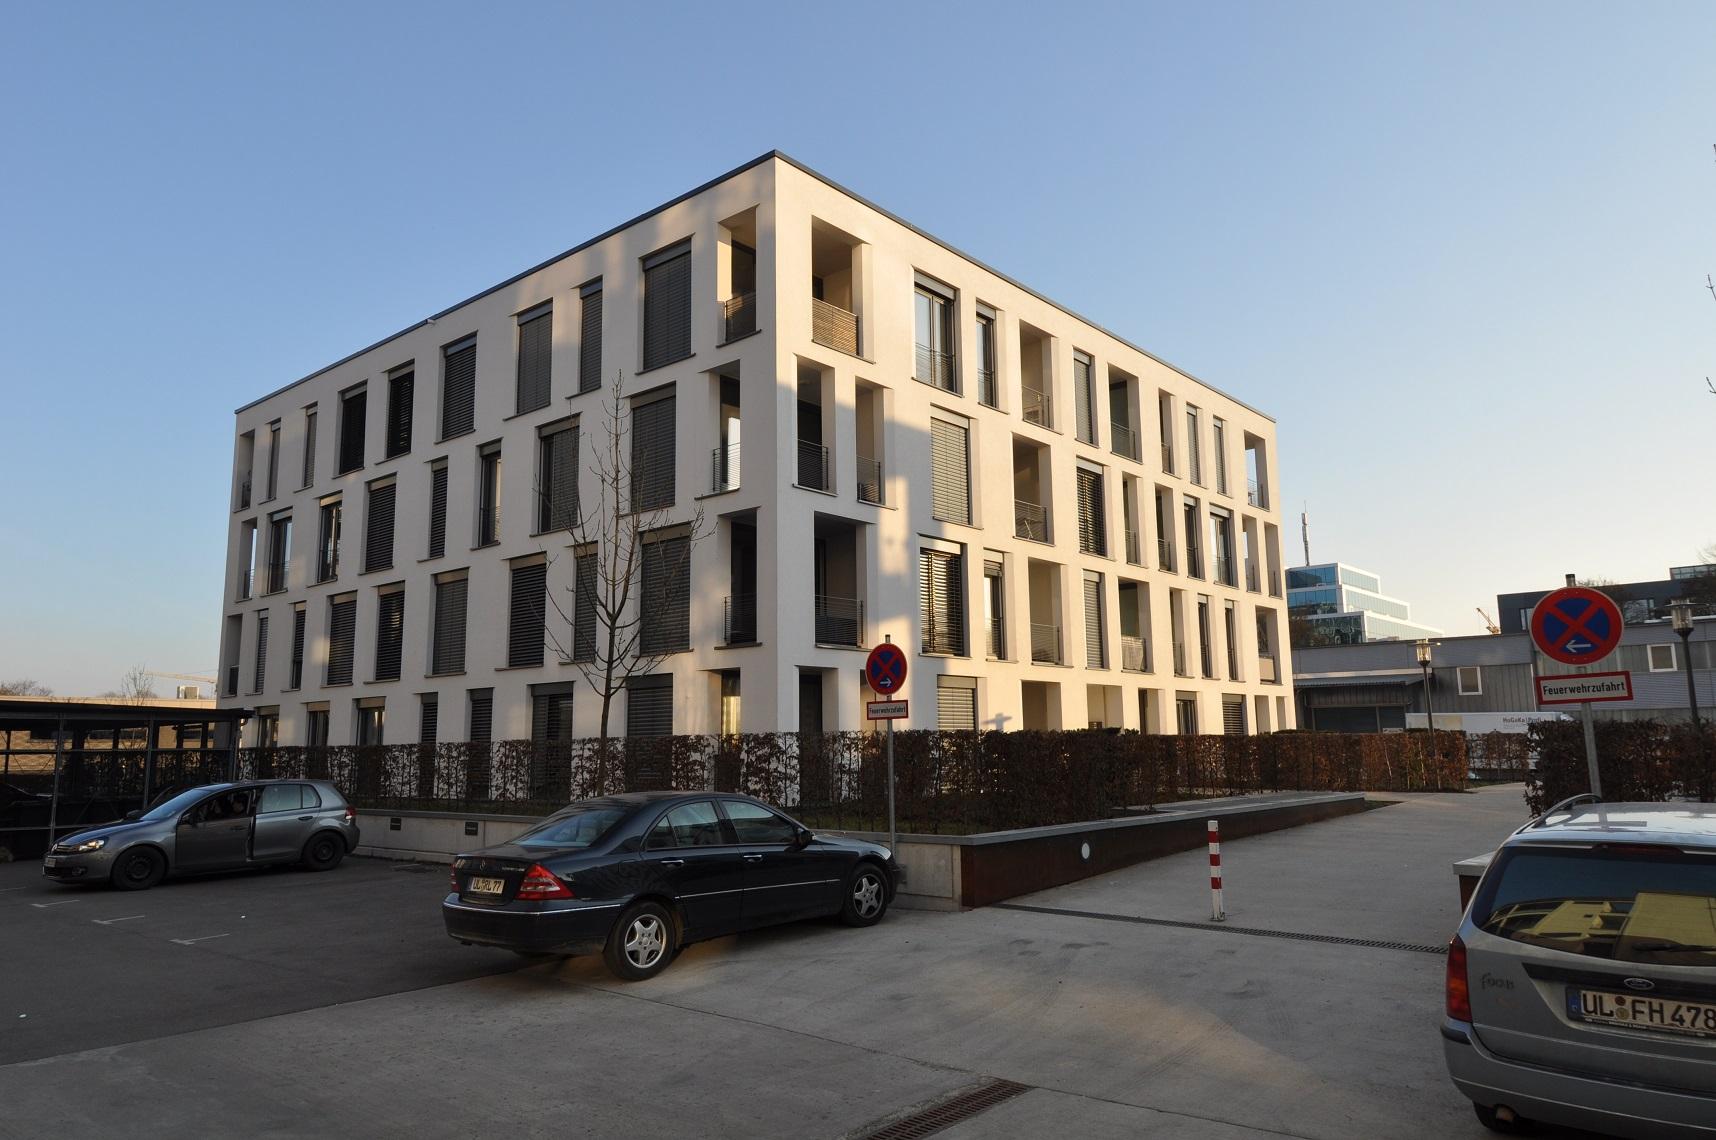 Eberhardt Immobilien Ulm, BV Stadtregal, 35 WE 003.jpg